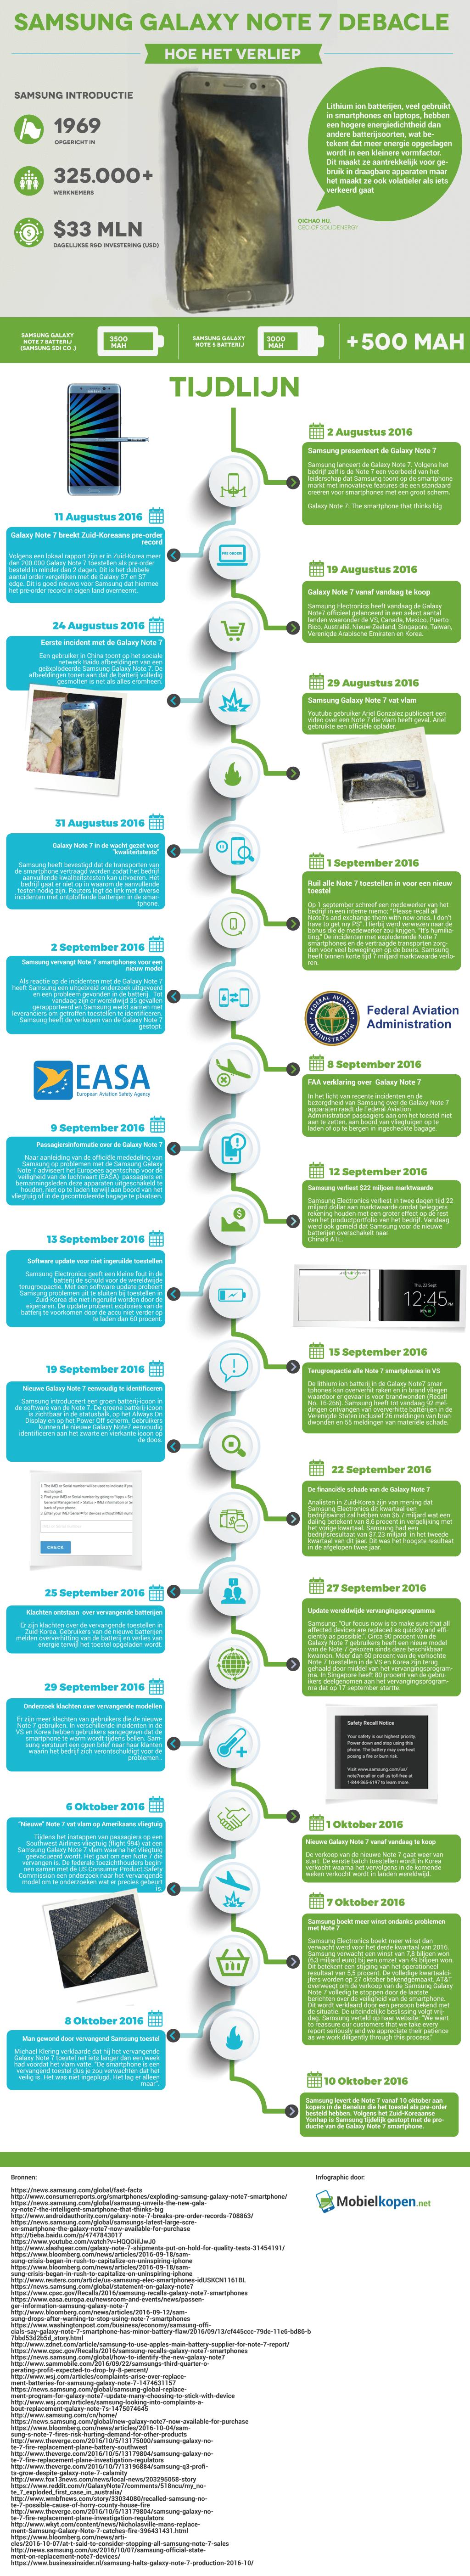 infographic note 7 mobielkopen